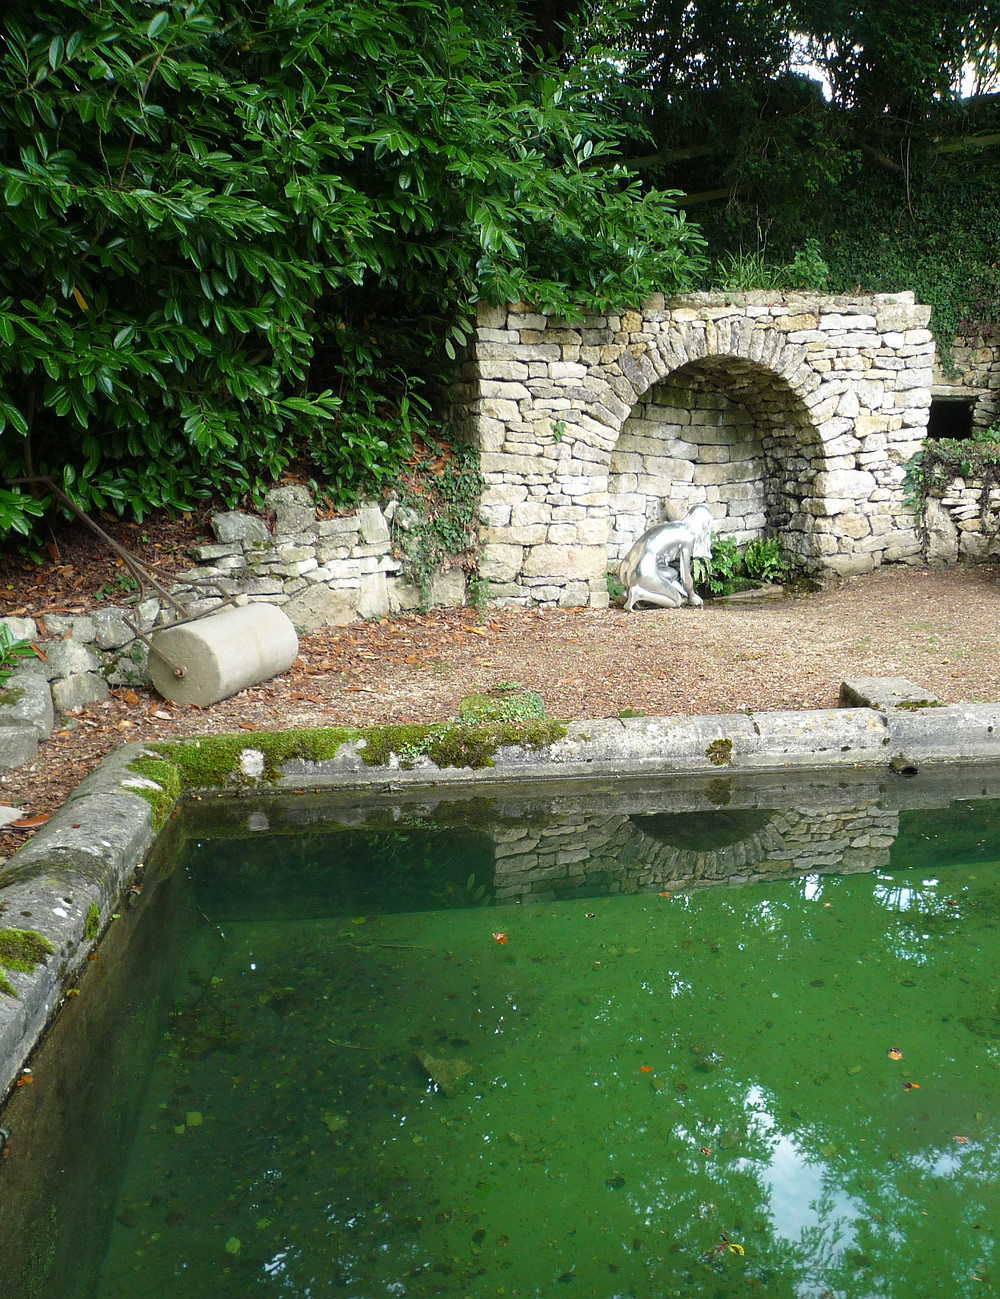 romantic garden, ricoco garden, pool, sculpture, grotto, arch, stone,